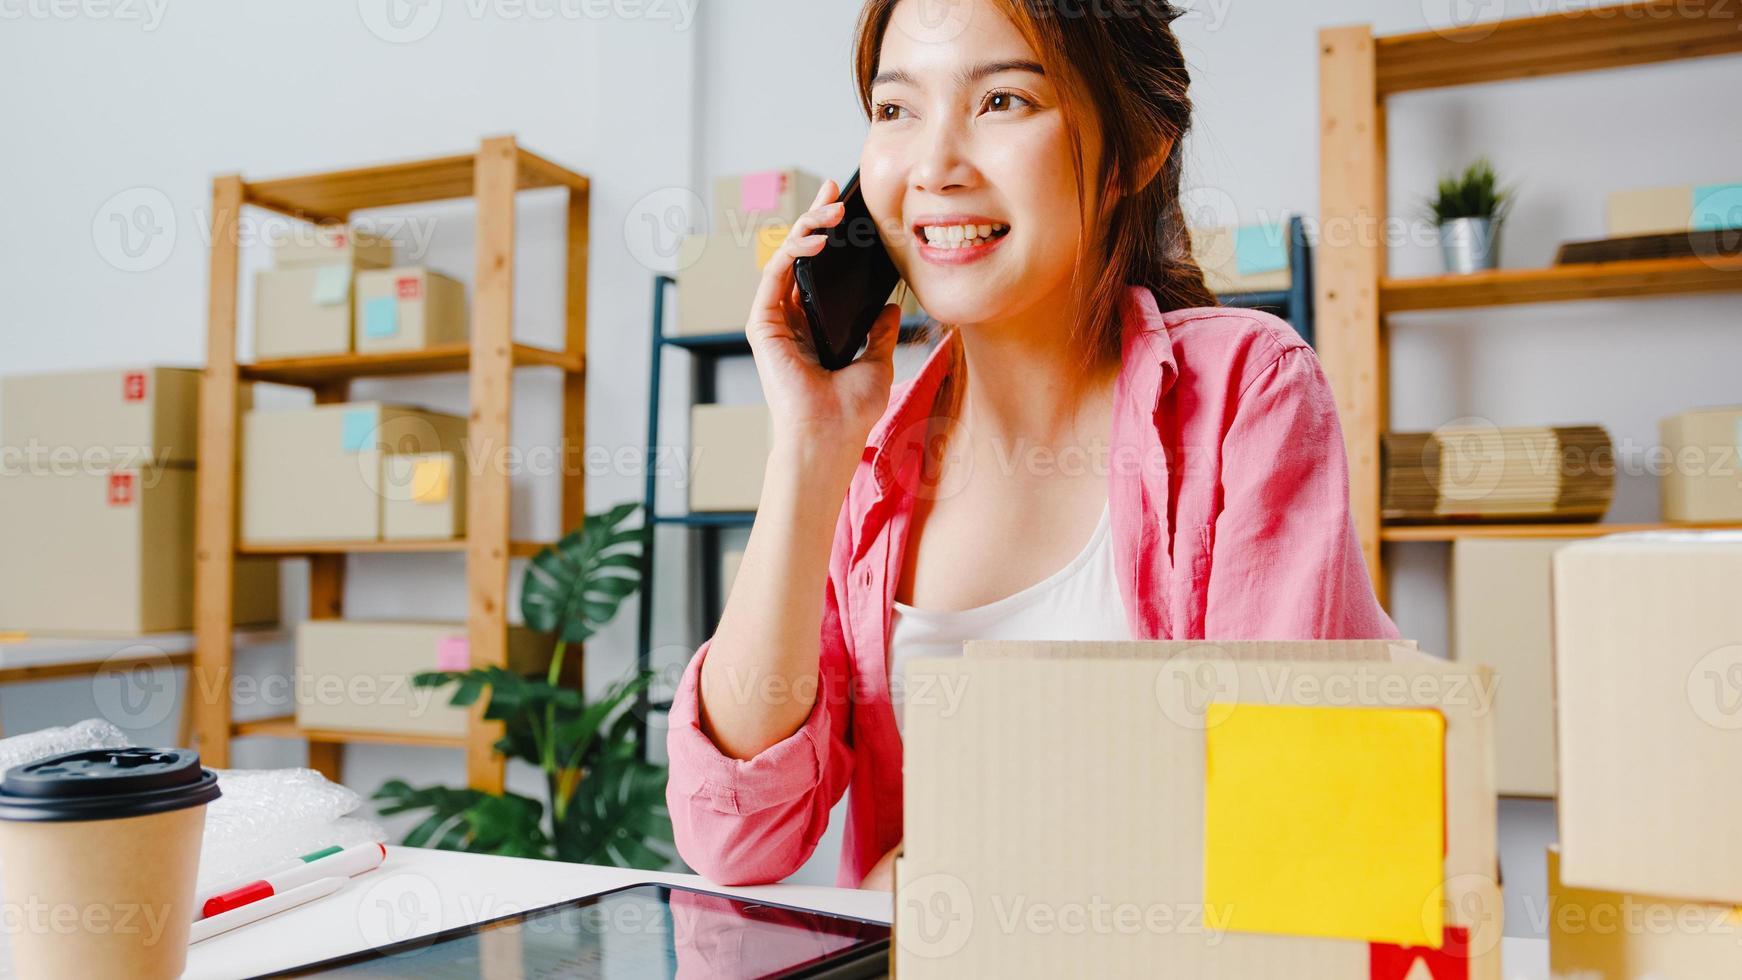 jonge azië zakenvrouw met behulp van mobiel telefoongesprek ontvangen inkooporder en product op voorraad controleren, werken op kantoor aan huis. eigenaar van een klein bedrijf, online marktlevering, lifestyle freelance concept. foto